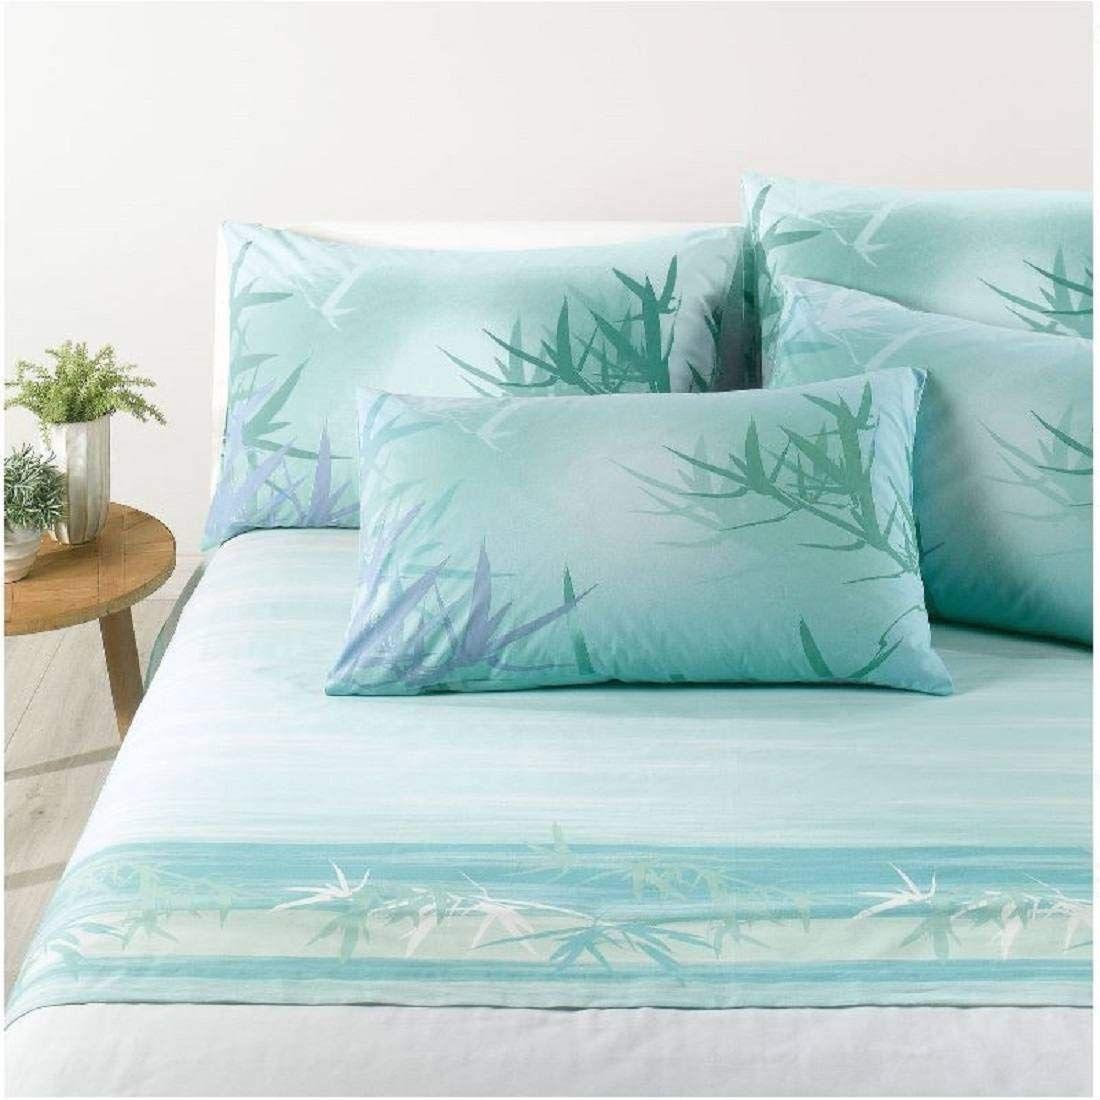 stile squisito sempre popolare negozio ufficiale completo di lenzuola matrimoniali caleffi nature: Amazon.it ...